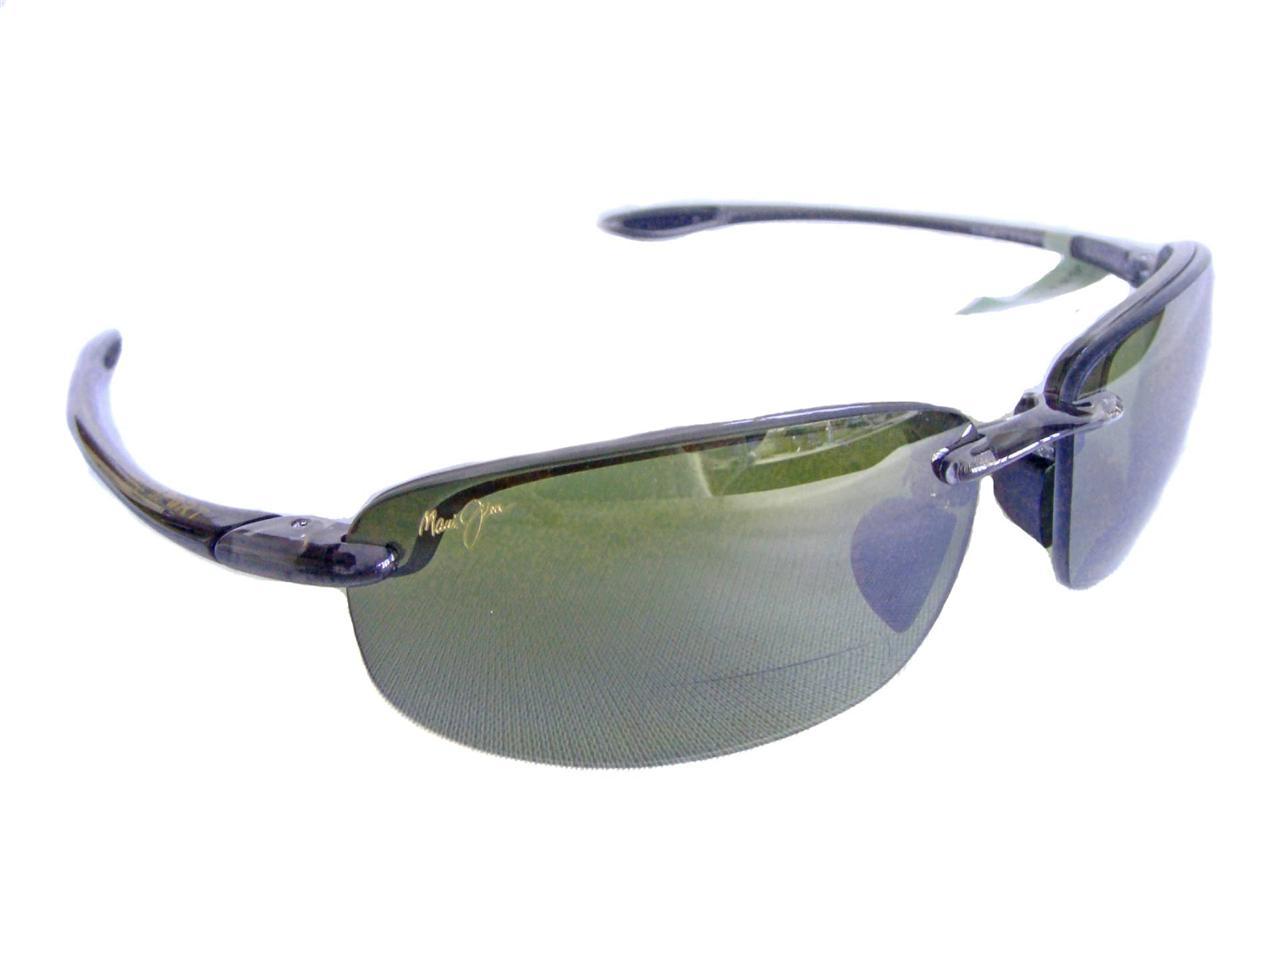 d92c943b91 Hookipa Maui Jim Ht 807 11 gafas de sol bifocales Listo Lector 1 50 2